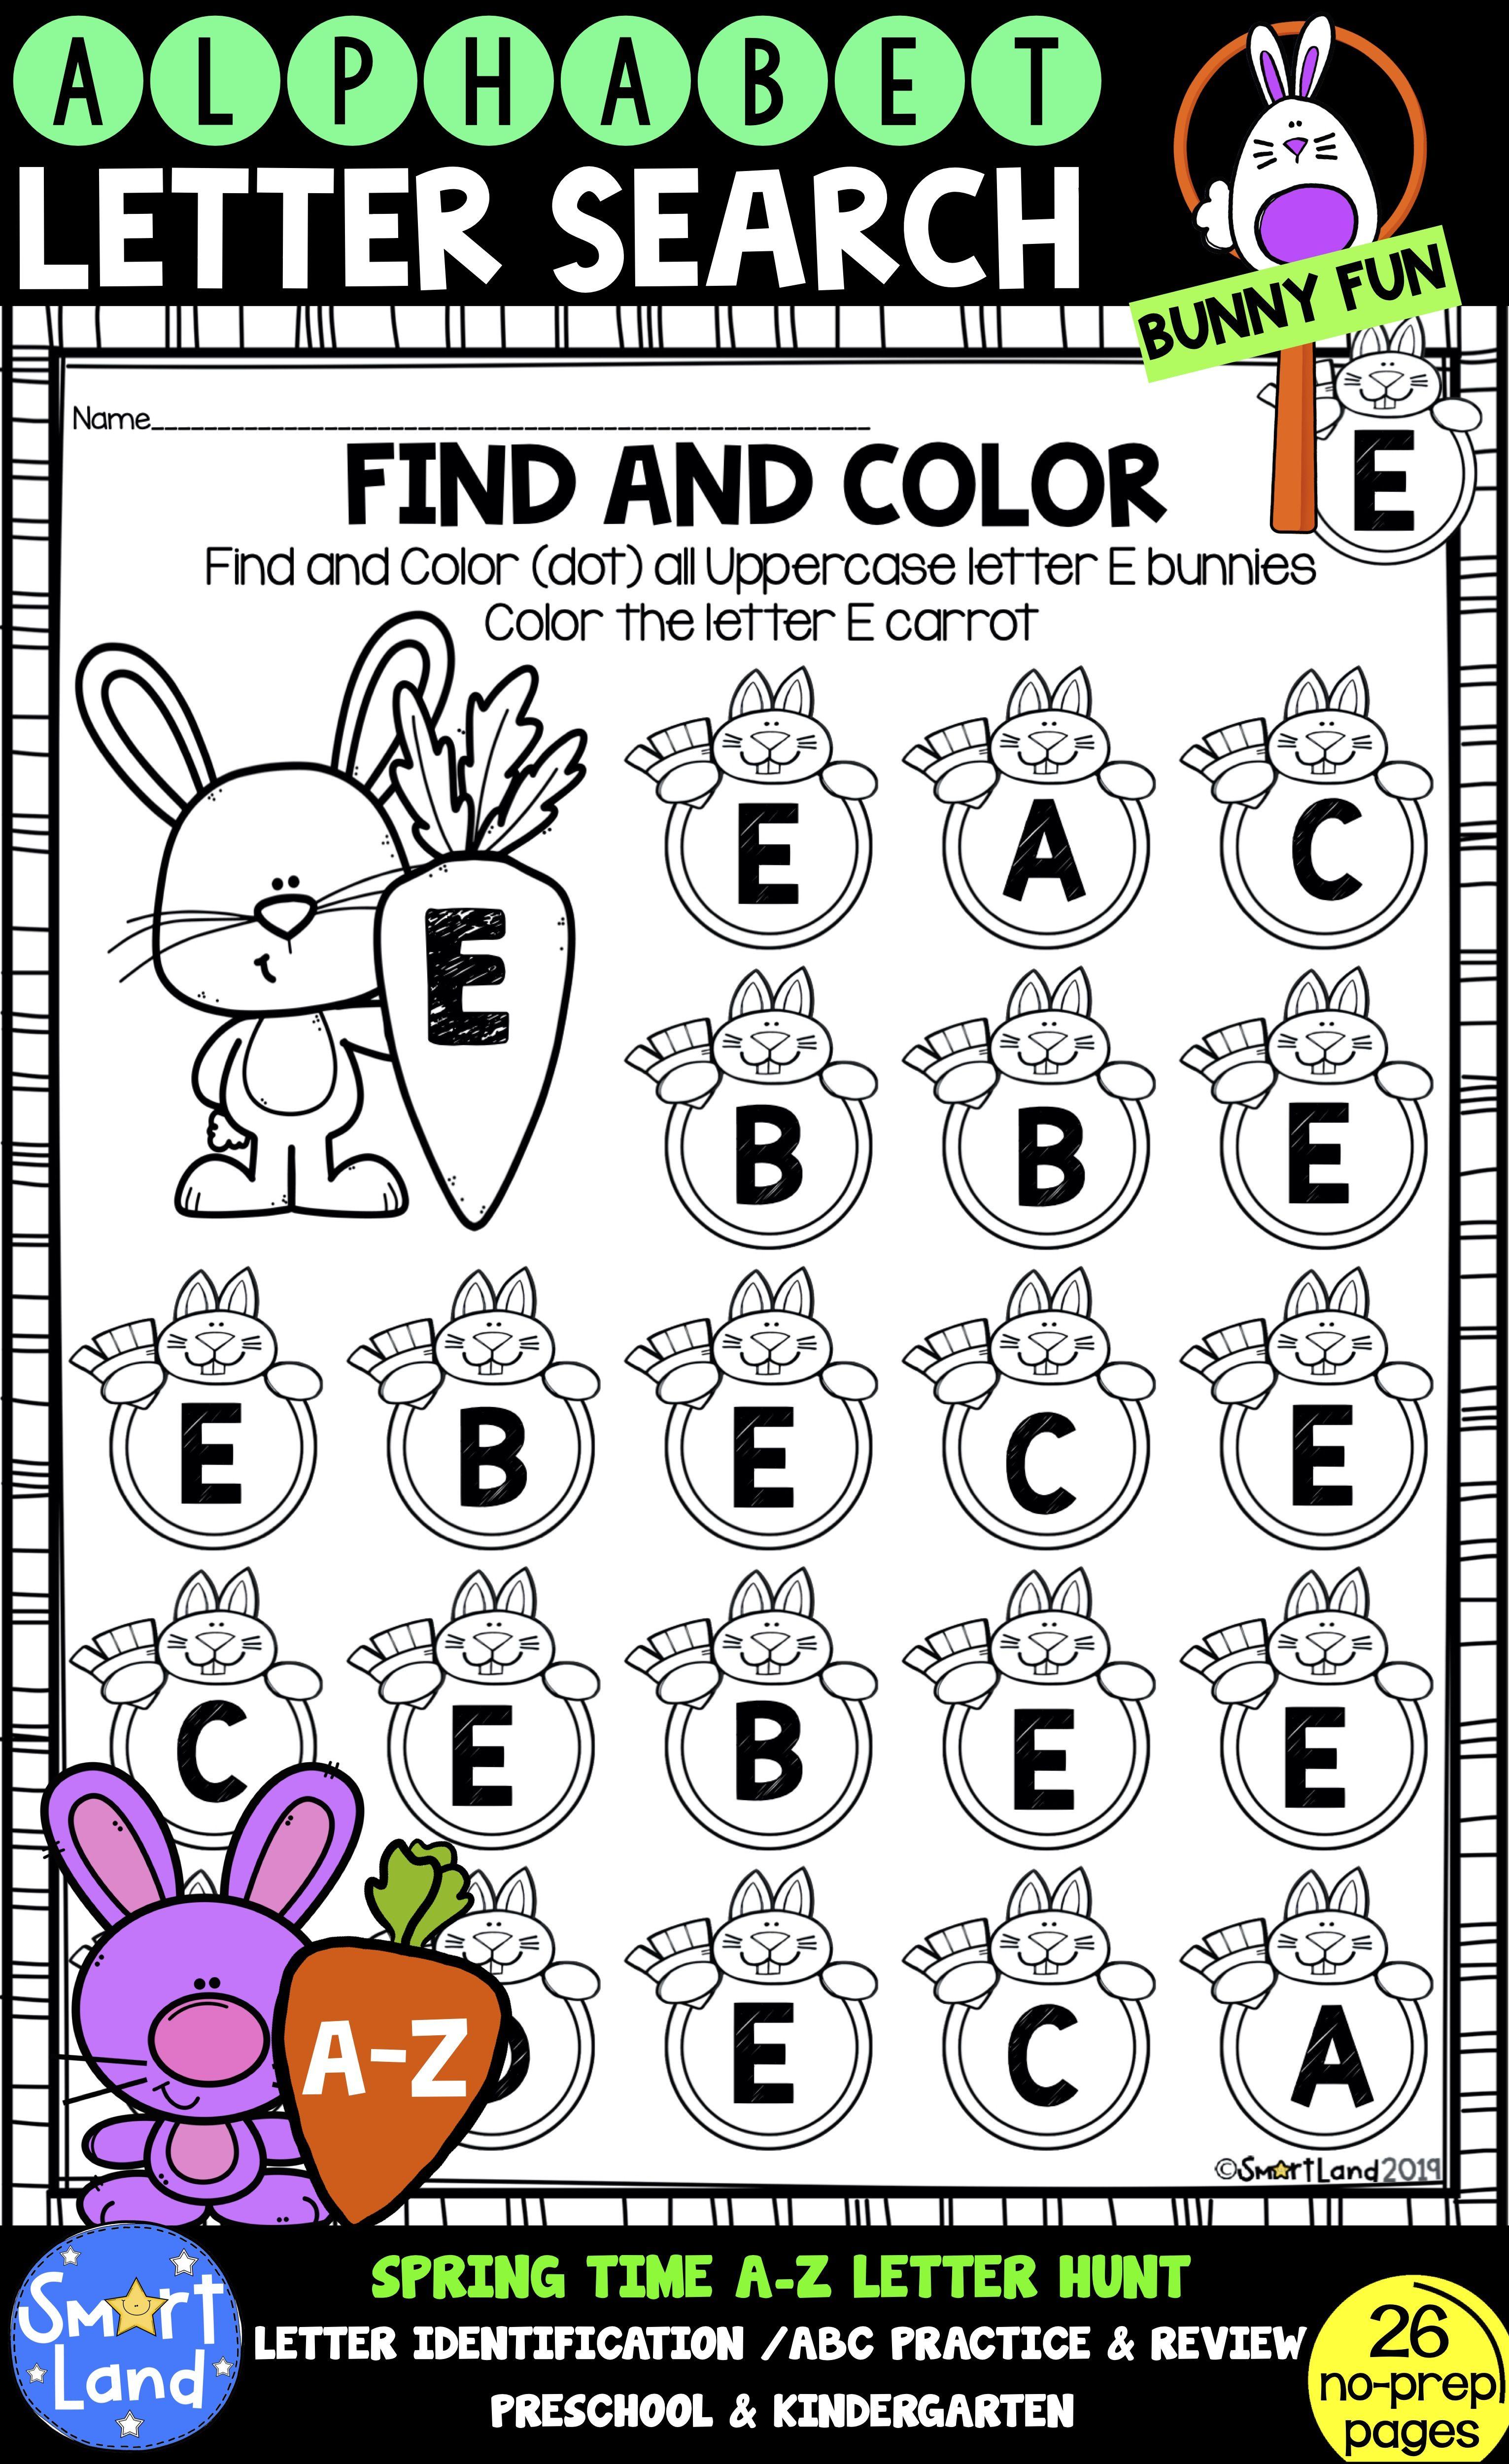 Alphabet Practice Letter Search Bunnyfun